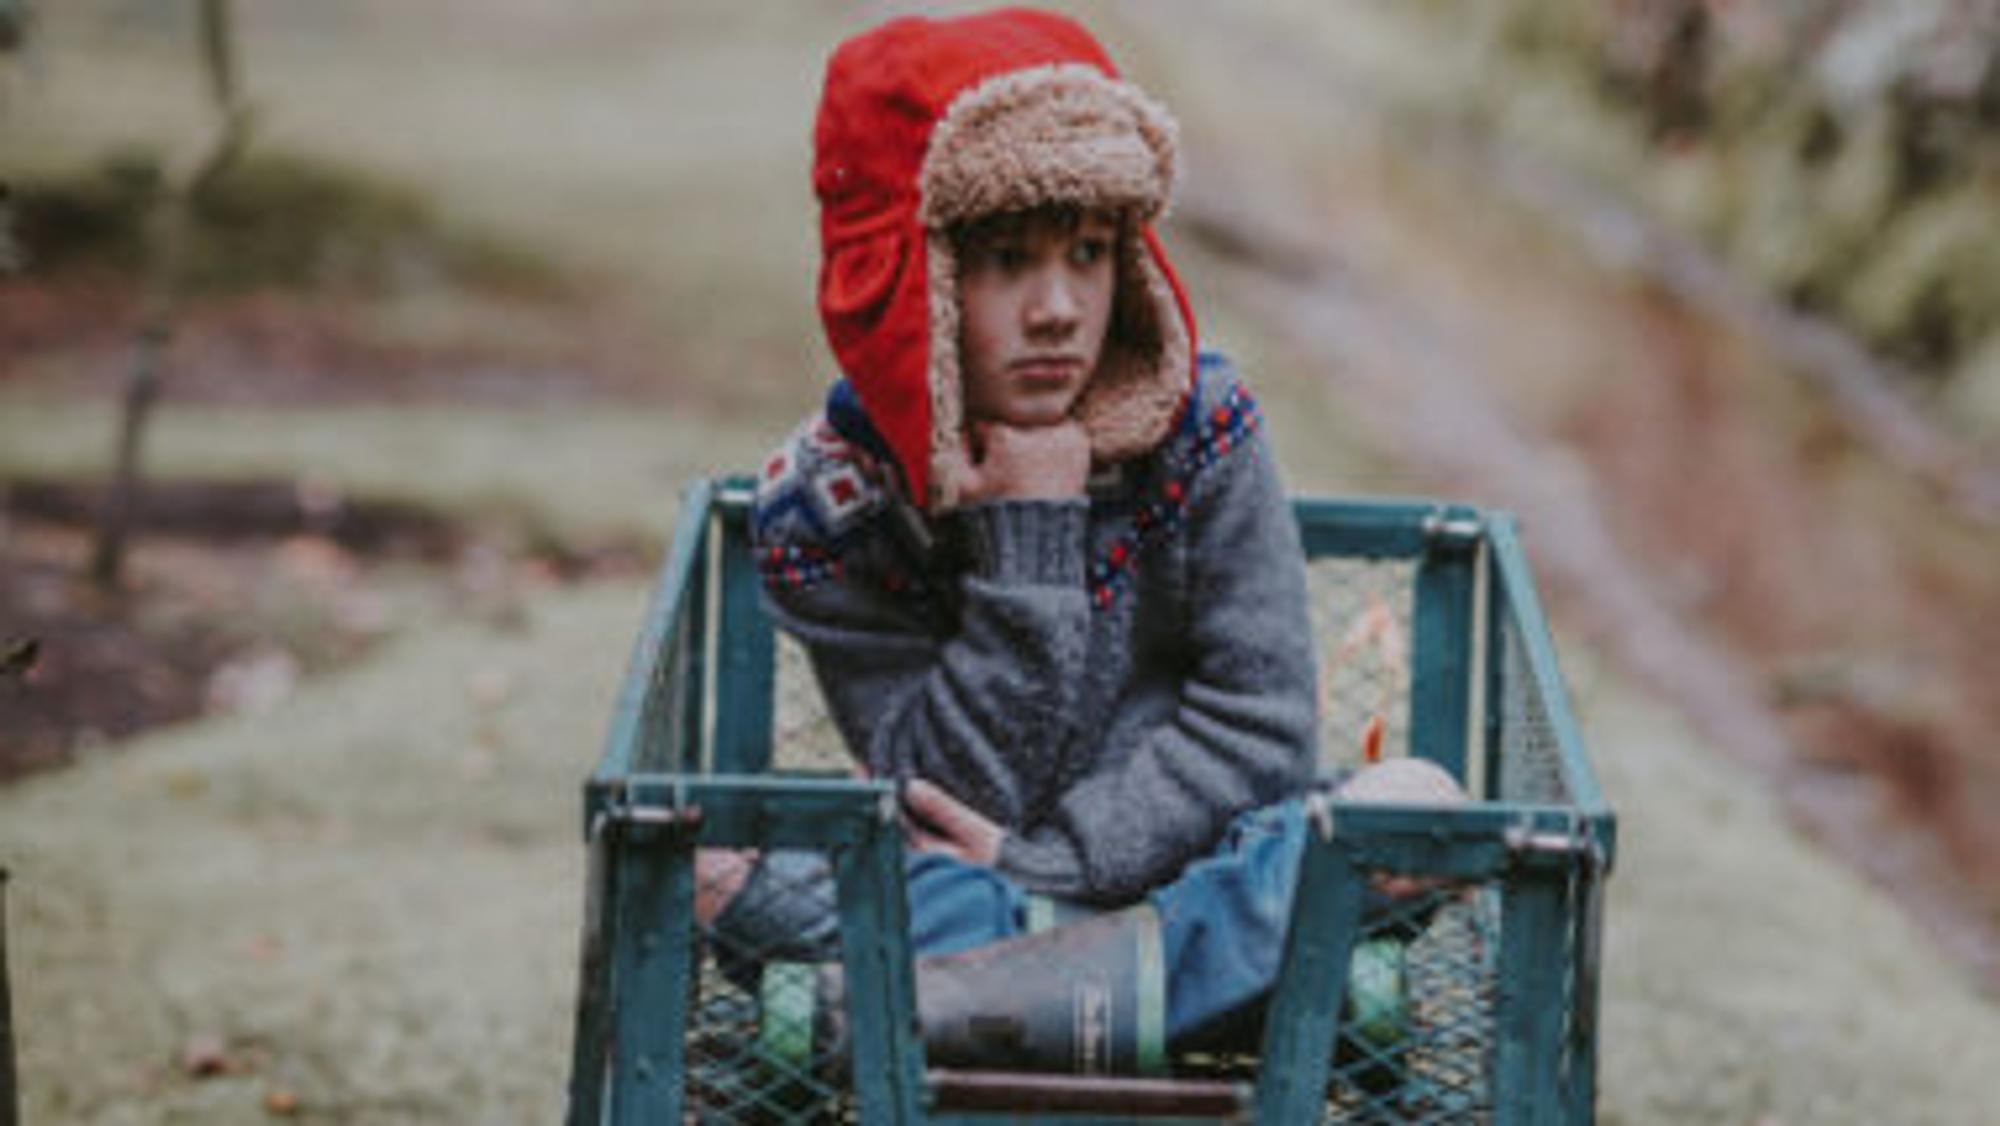 Junge sitzt in einem Bollerwagen in der Natur